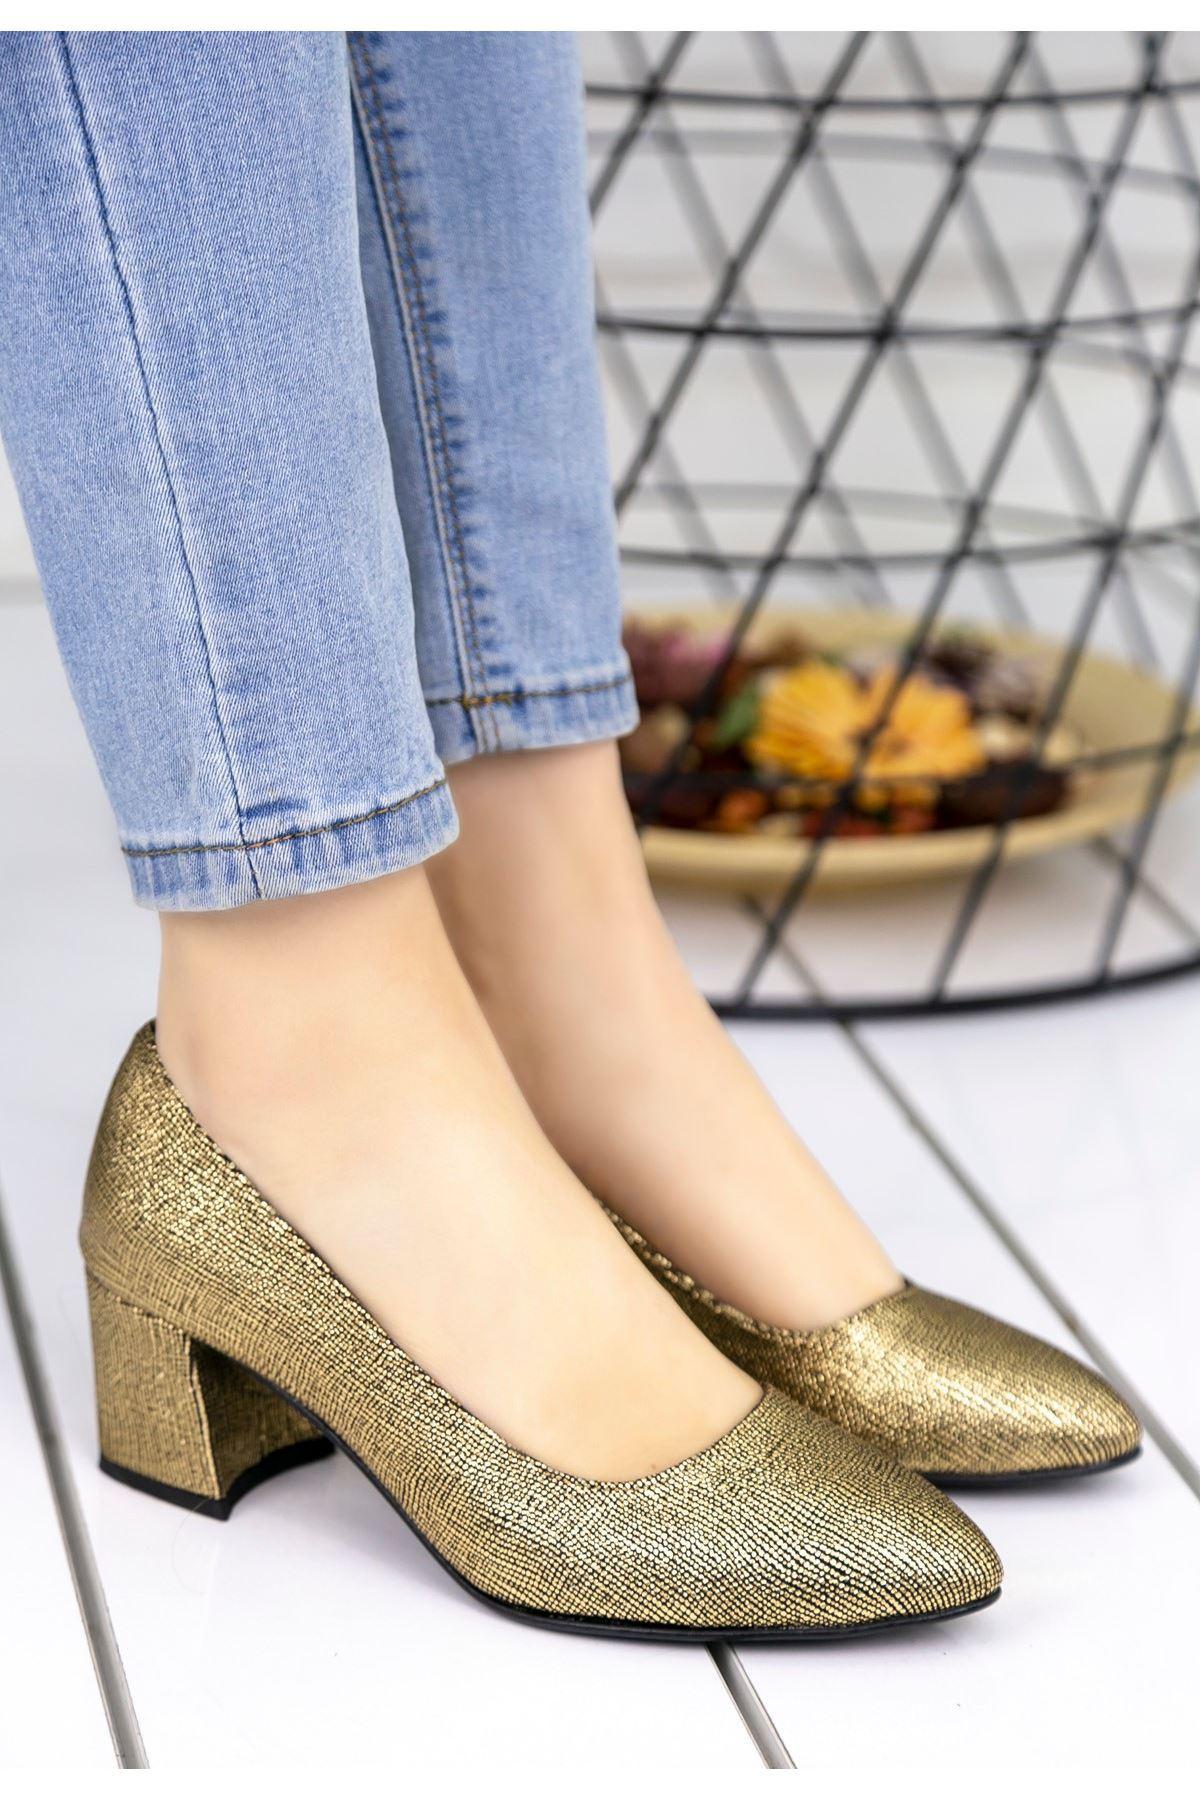 Sever Sarı Simli Topuklu Ayakkabı